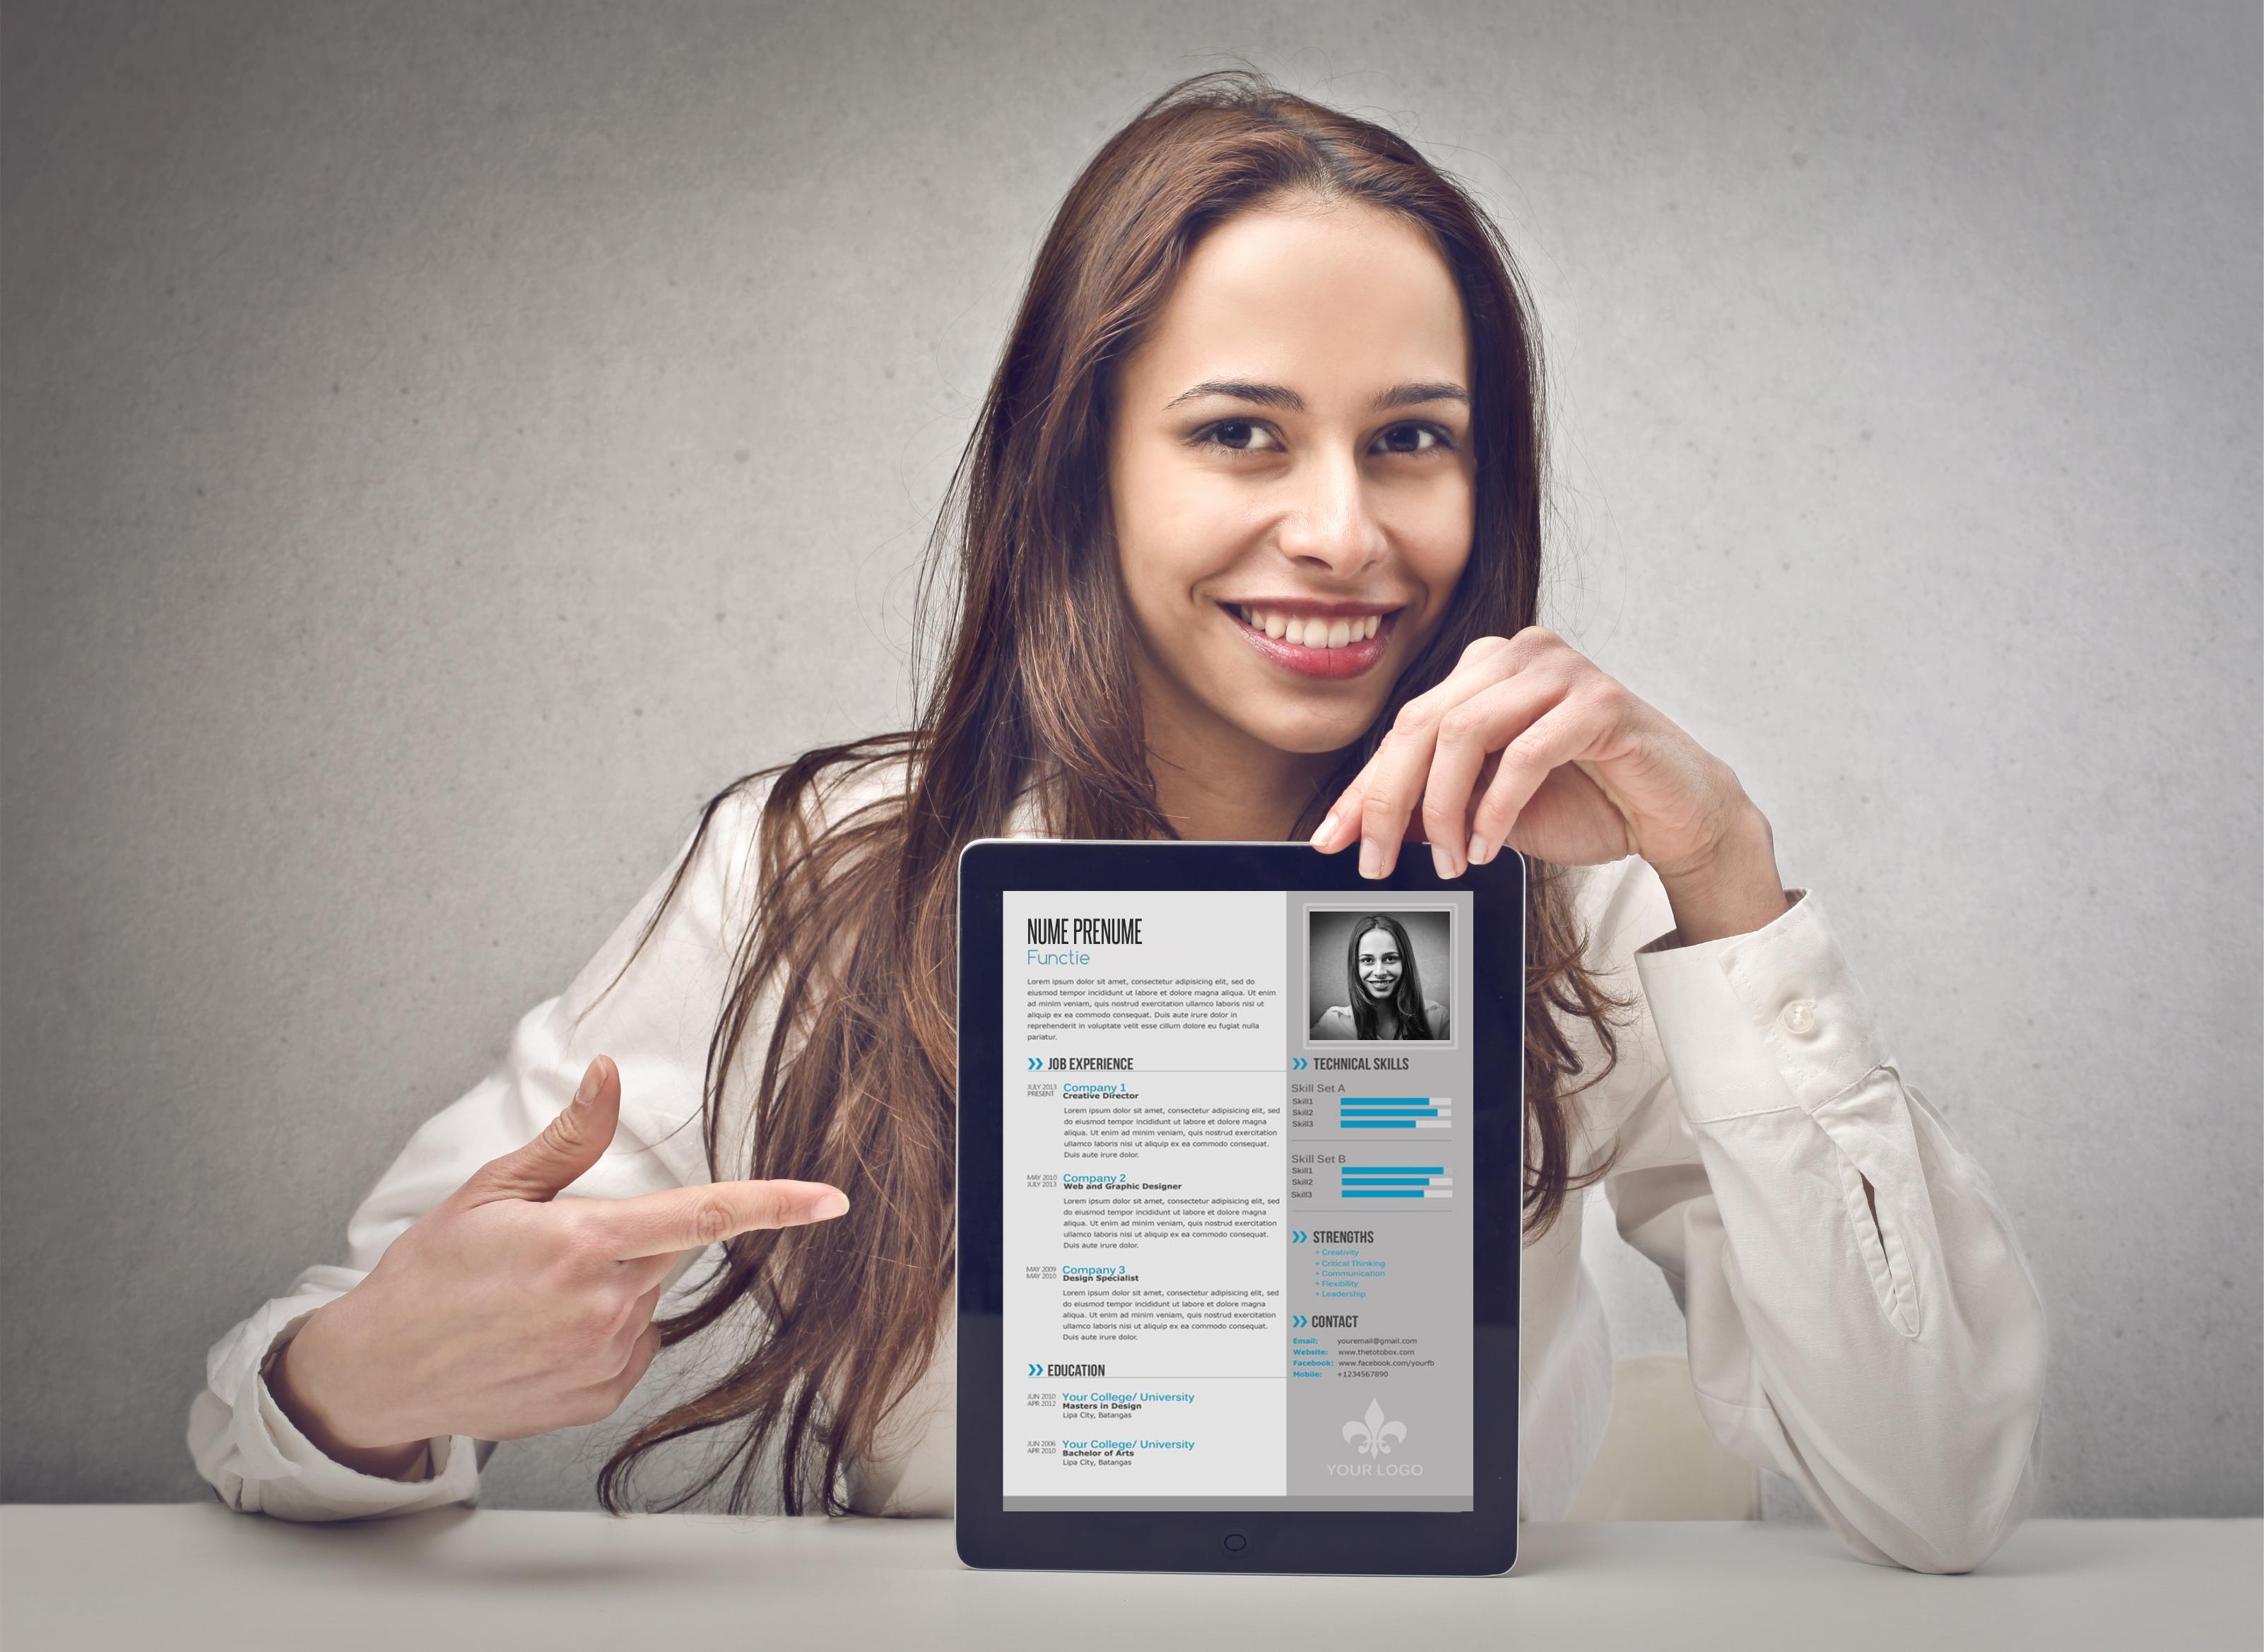 Câștigă o tabletă cu CV-ul tău!